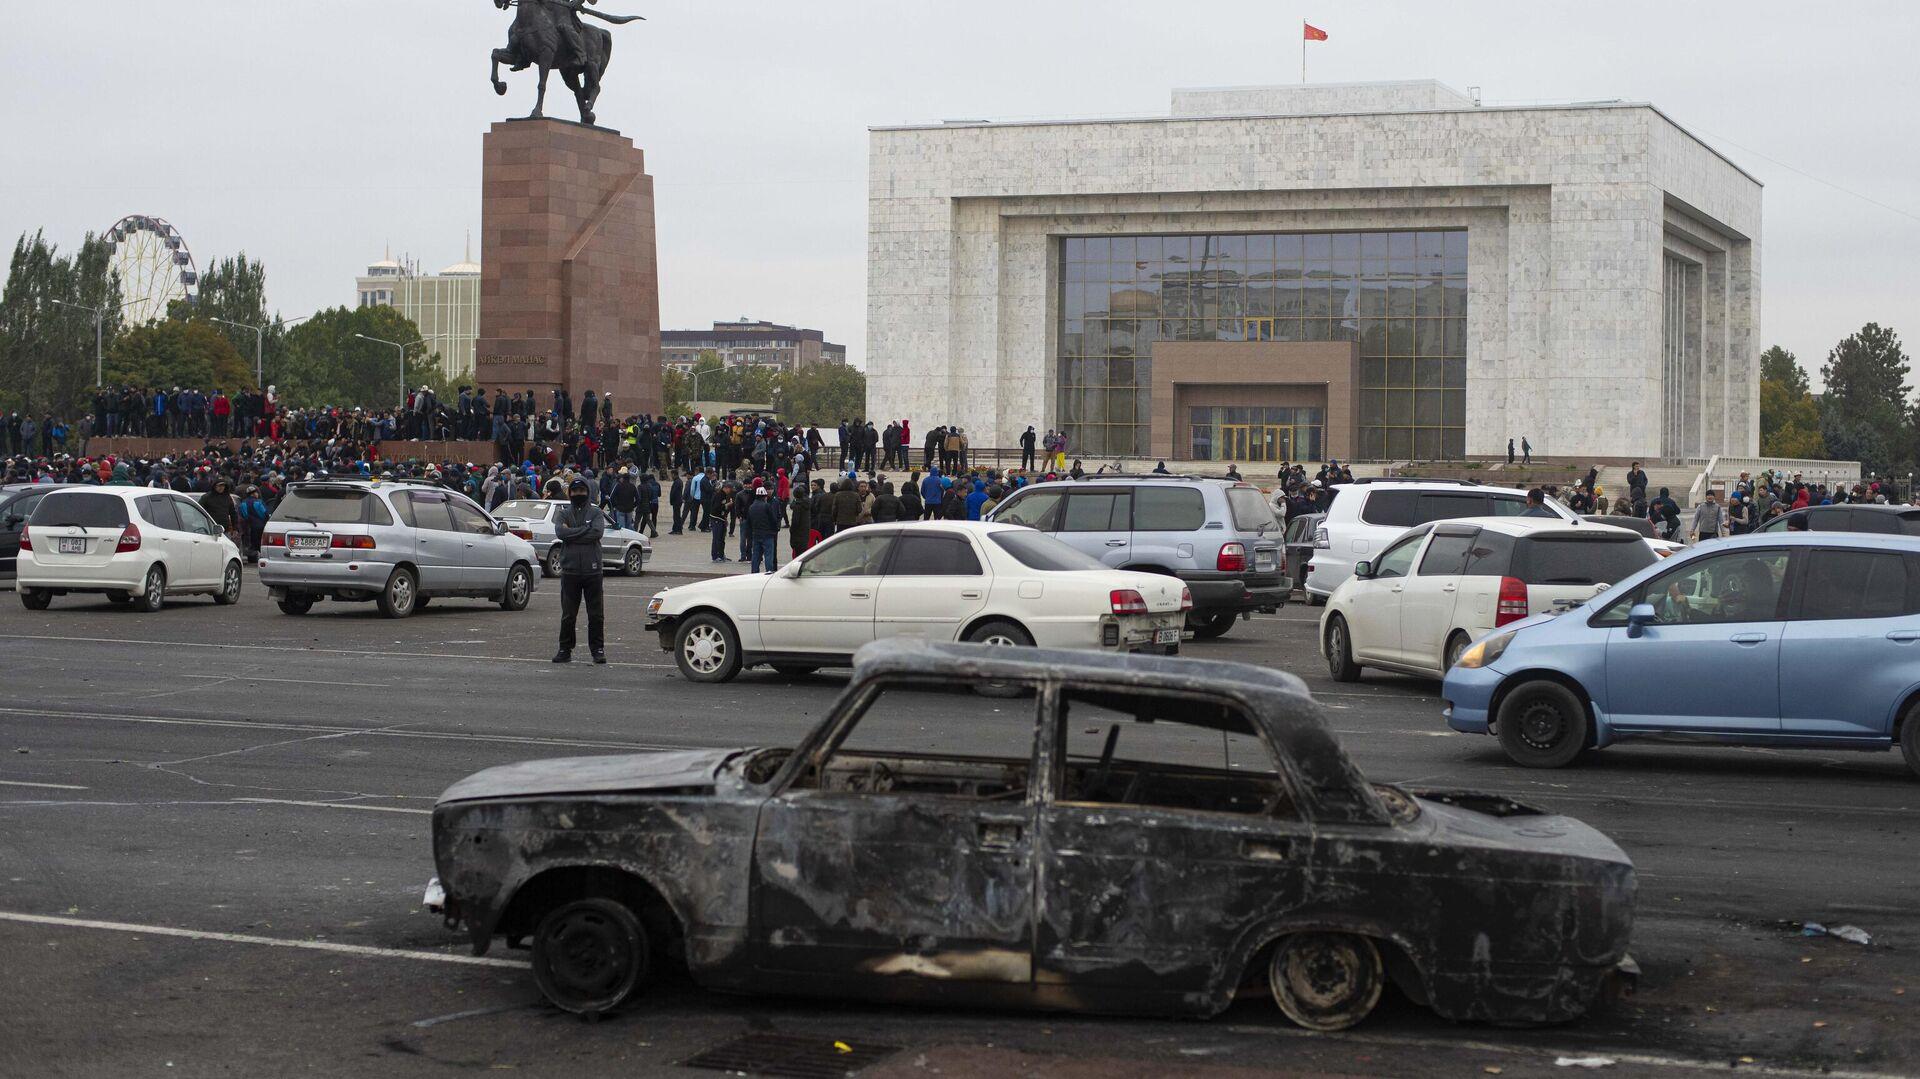 Сожженный автомобиль на центральной площади Бишкека Ала-Тоо - РИА Новости, 1920, 21.10.2020